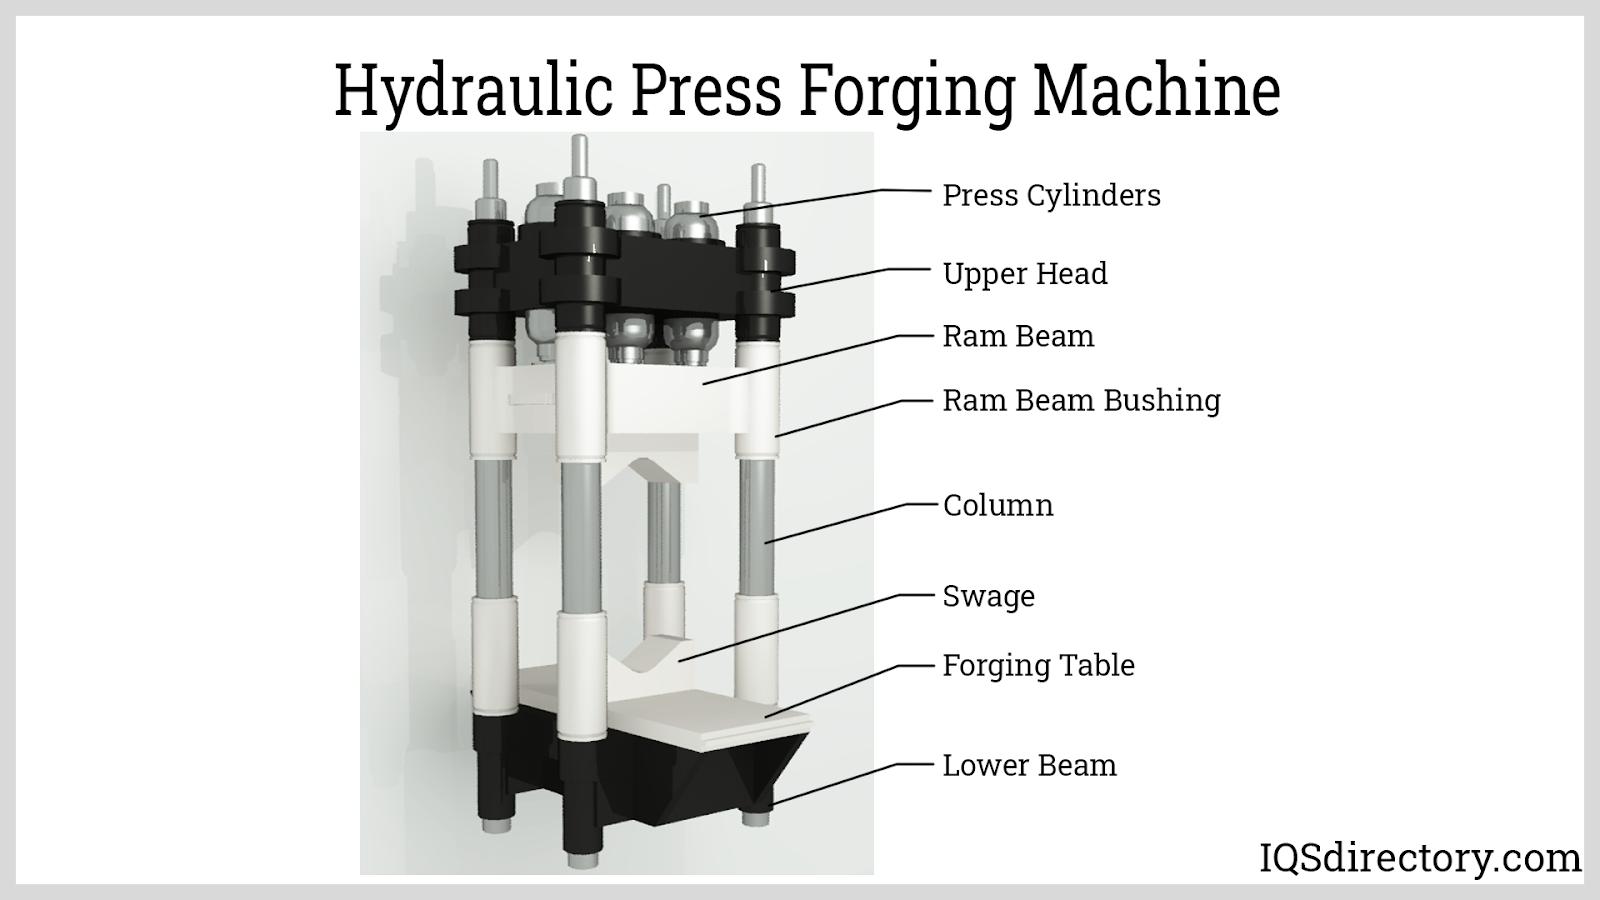 Hydraulic Press Forging Machine